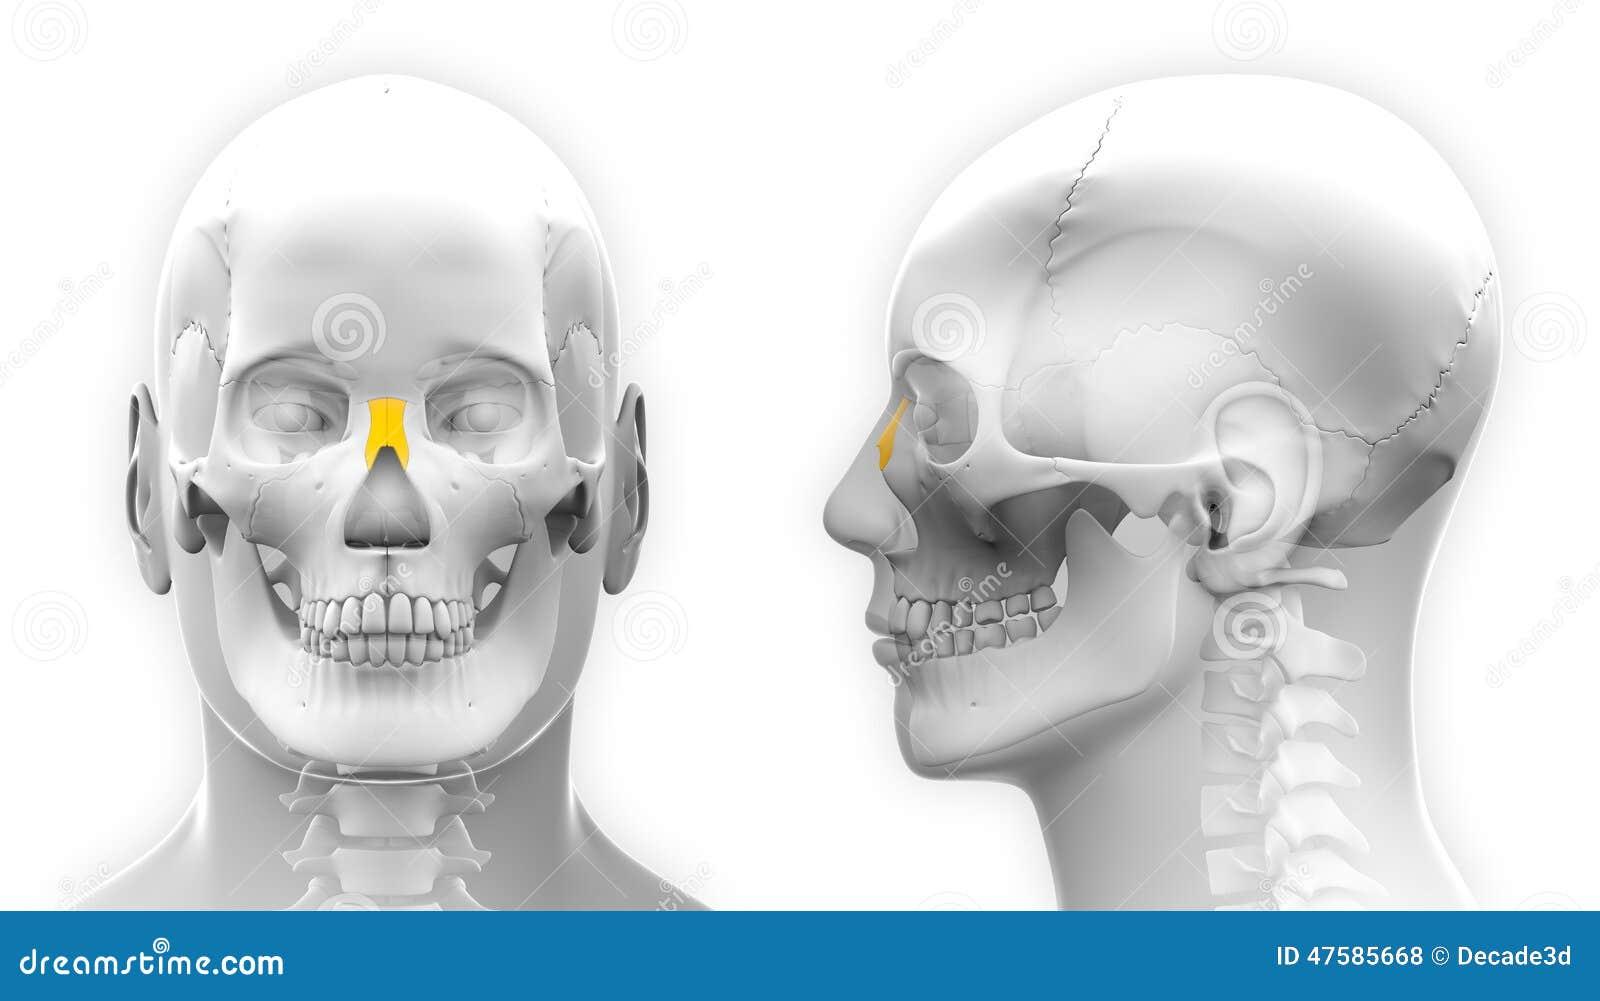 Ziemlich Nasenbein Anatomie Bilder - Anatomie Ideen - finotti.info